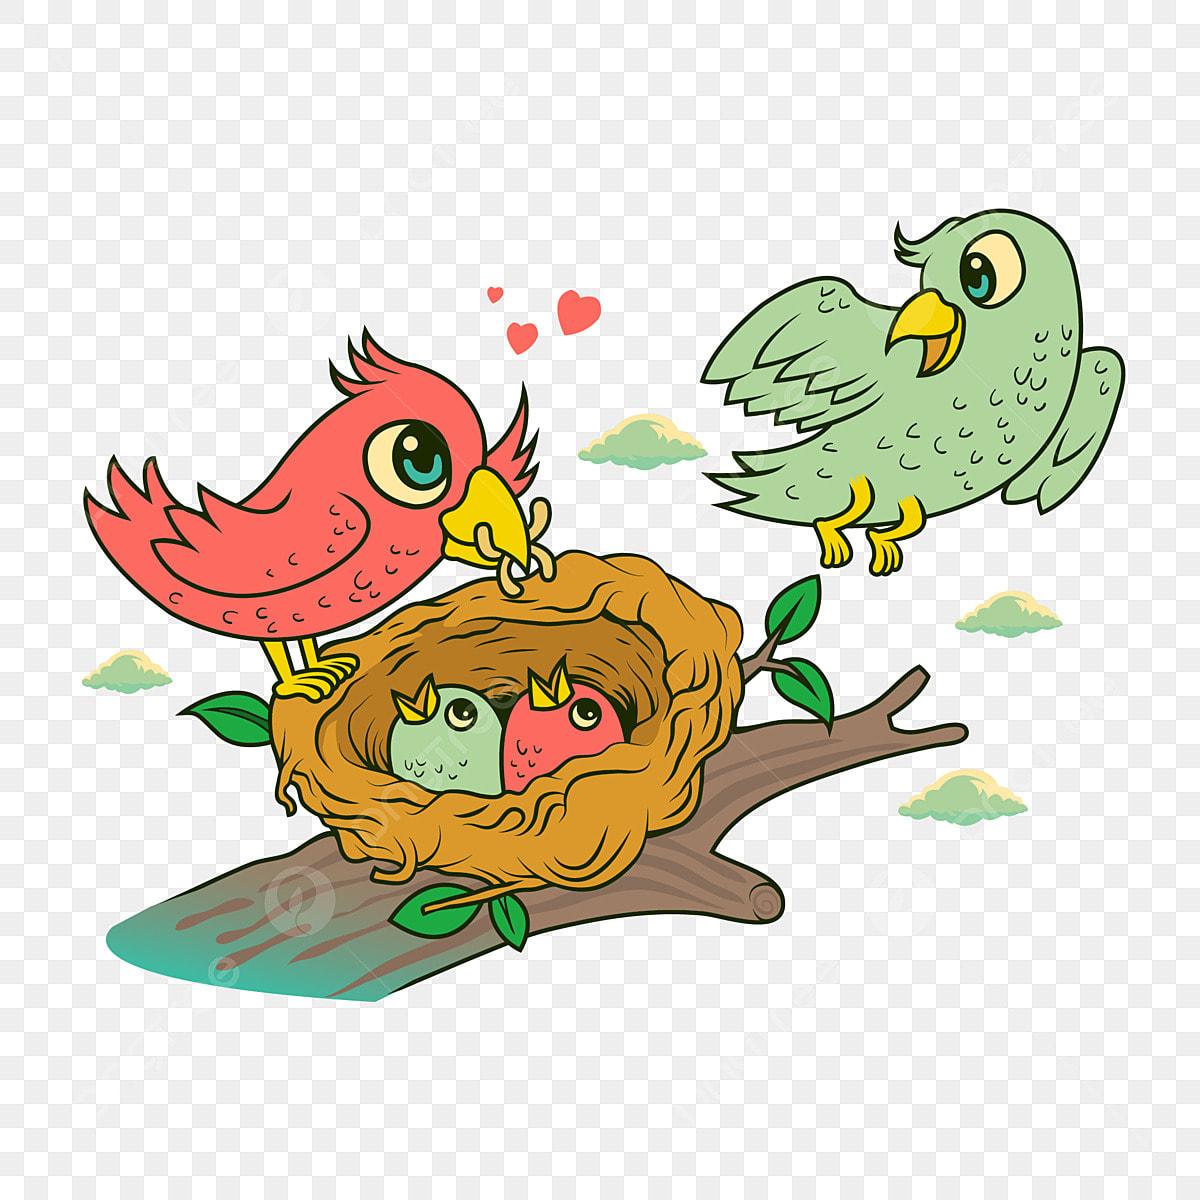 رسوم متحركة طائر صغير الطيور عائلة من أربعة عش المرسومة عش الطيور طائر أنثى Png والمتجهات للتحميل مجانا